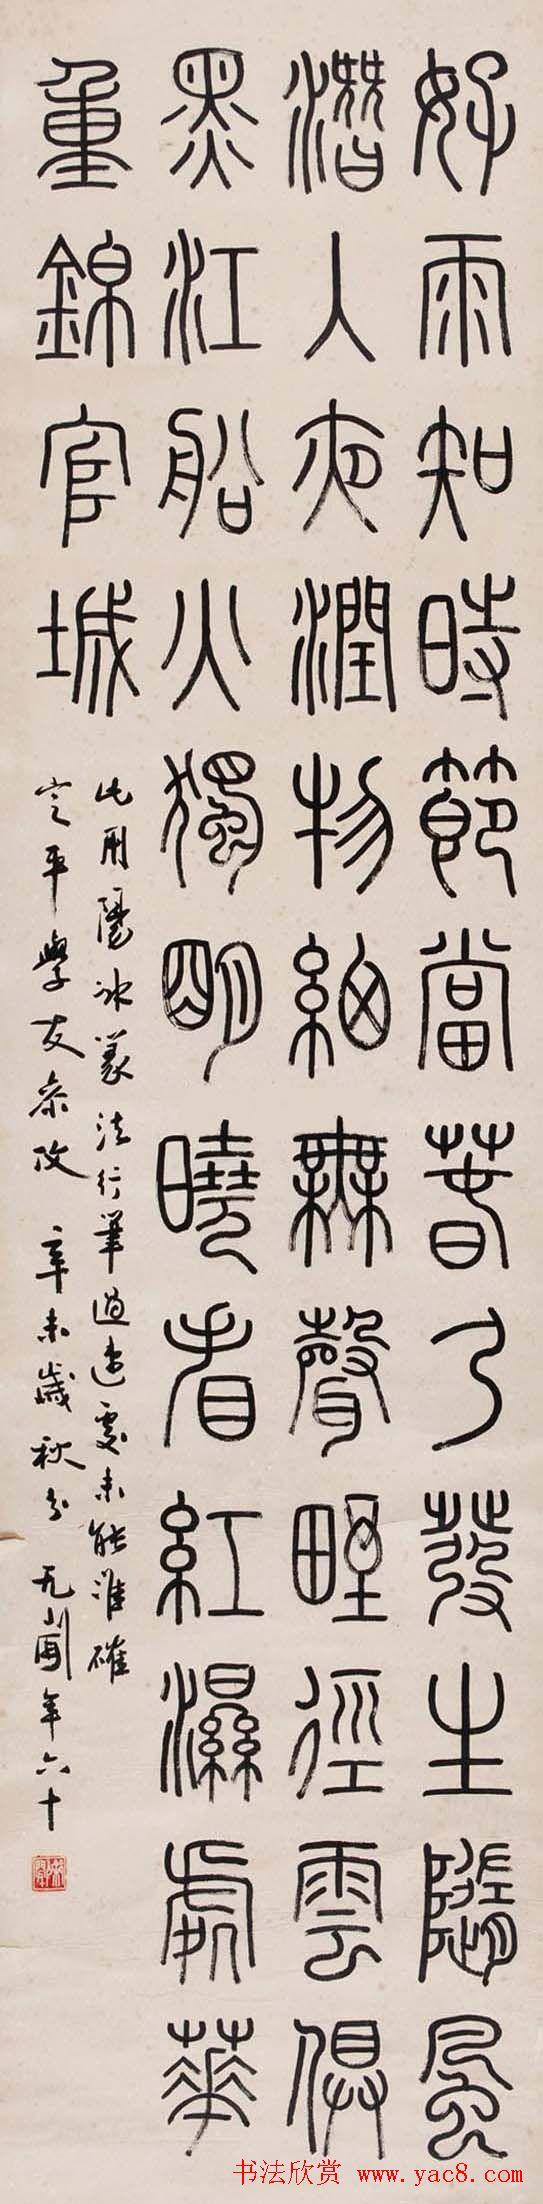 徐无闻篆书书法作品欣赏 第15页 毛笔书法 书法欣赏